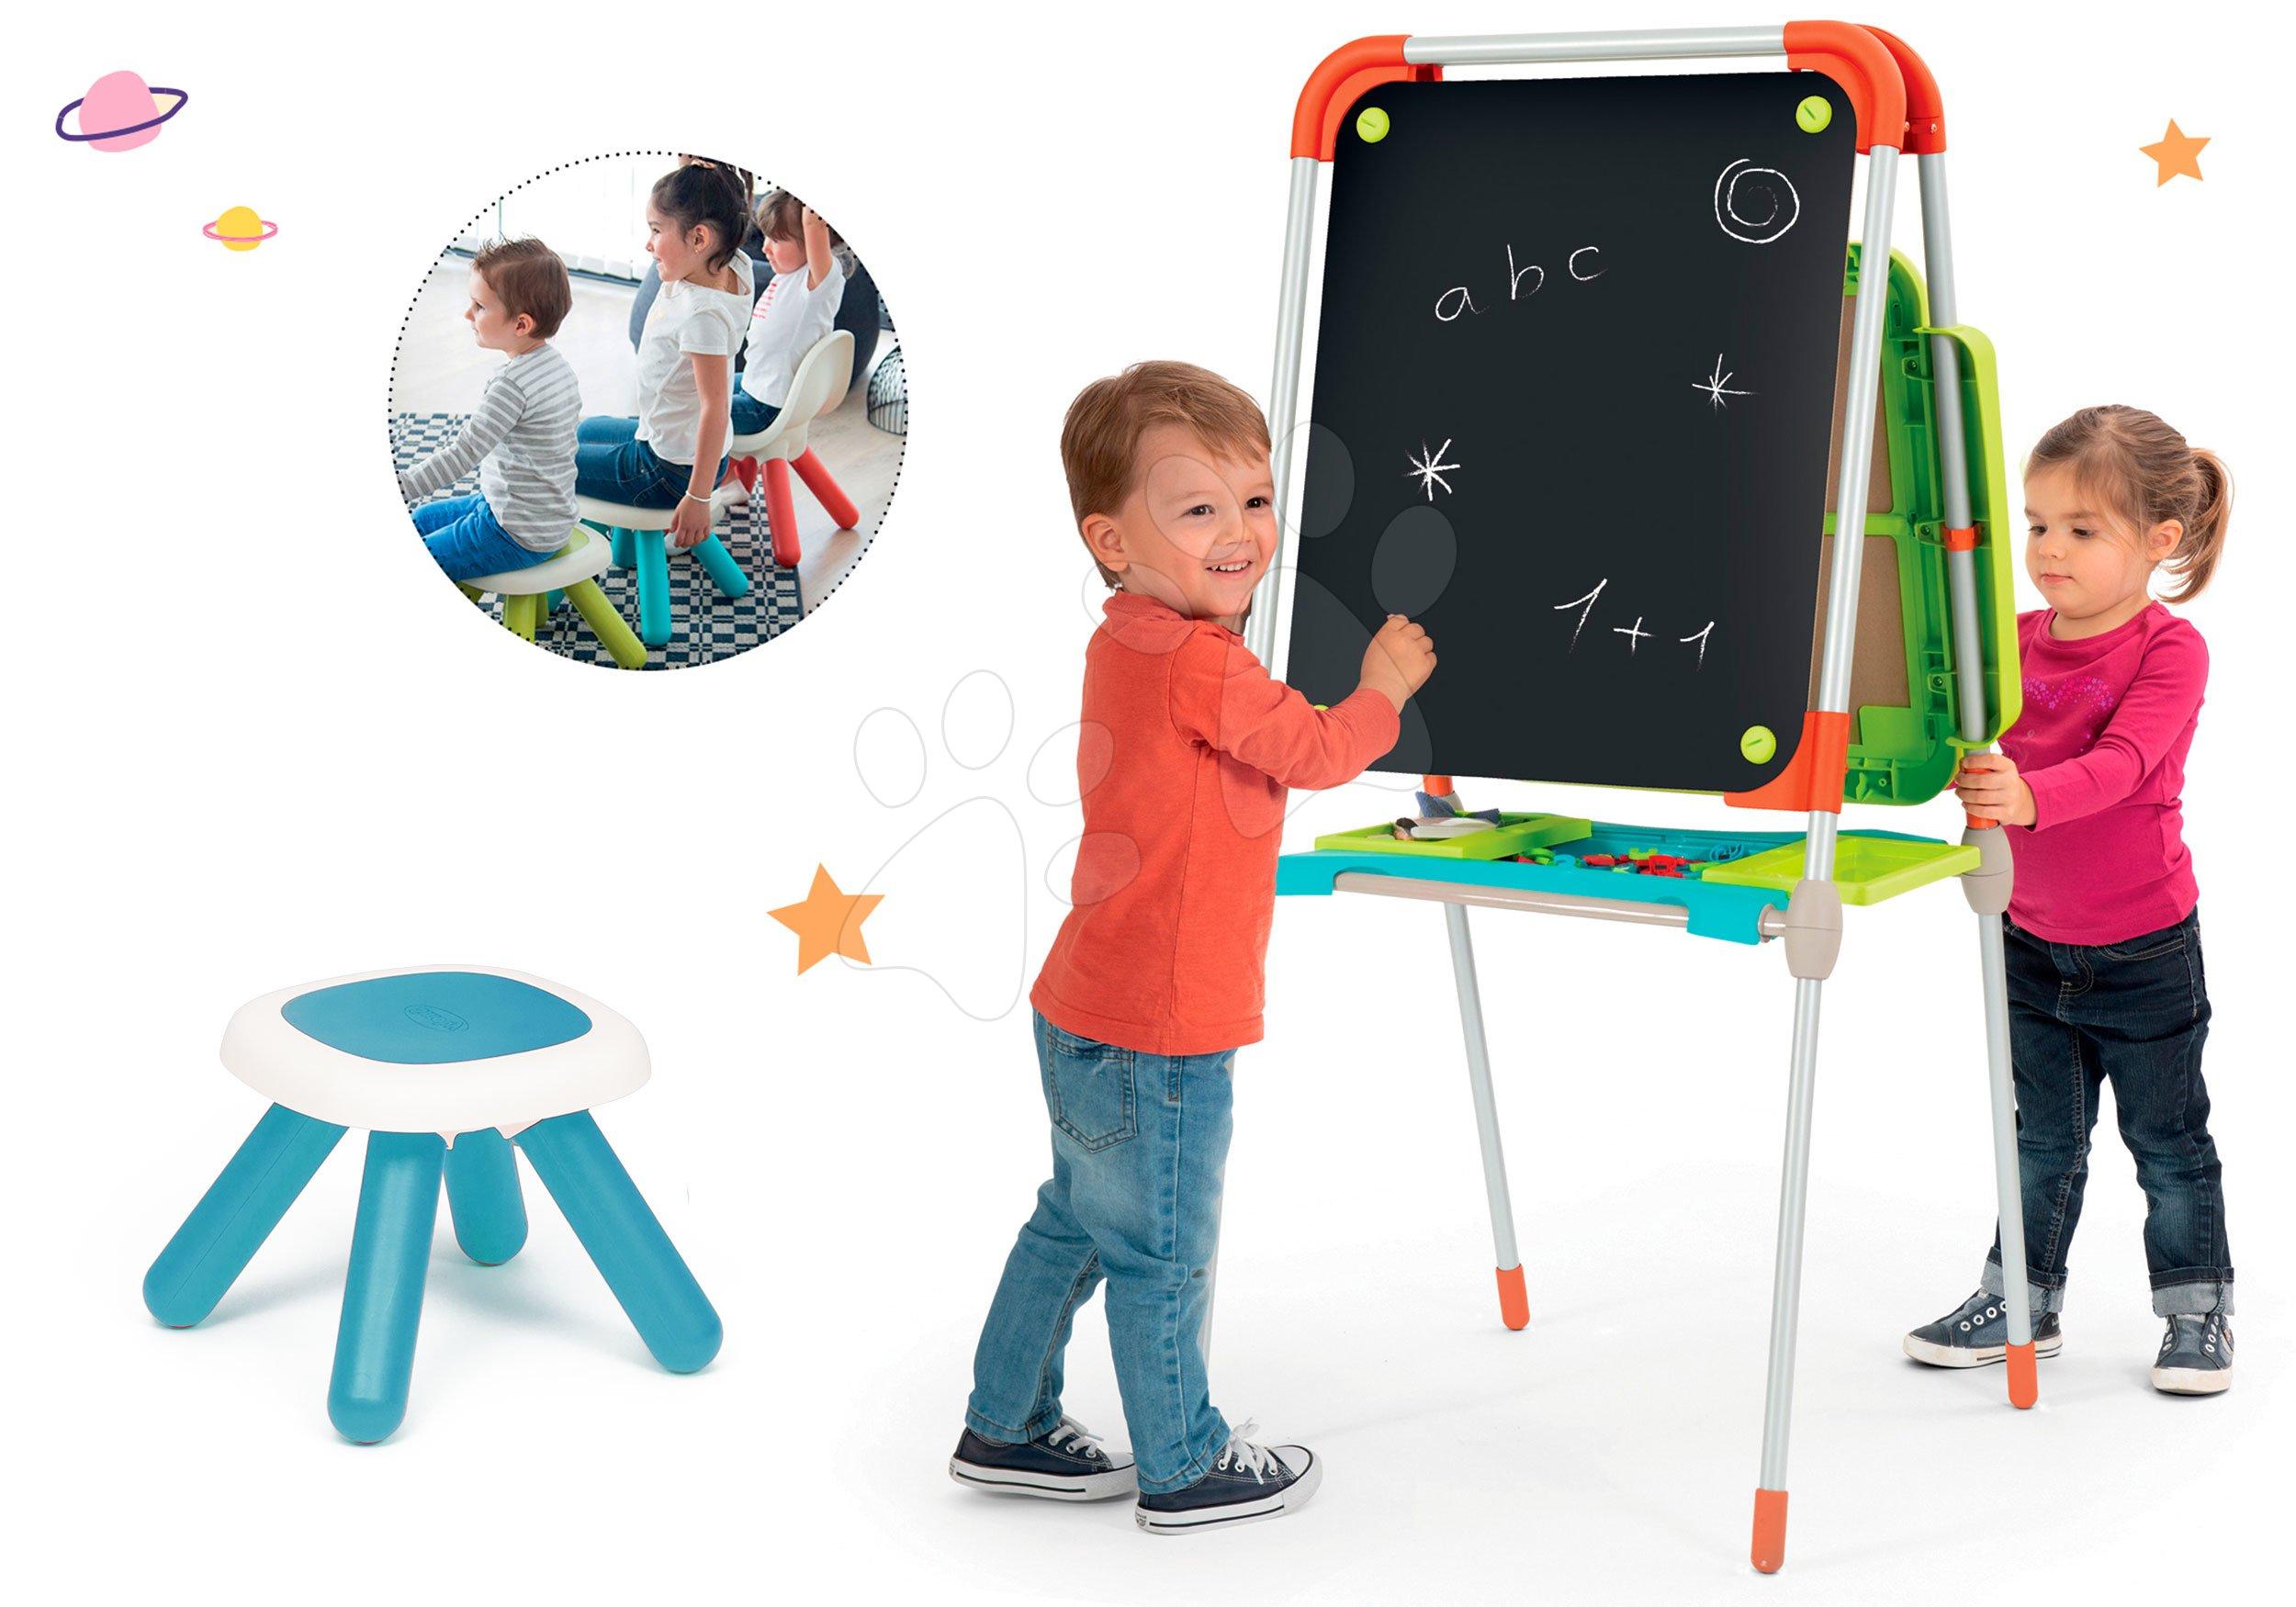 Smoby set školní magnetická tabule a taburetka KidStool 2v1 410202-1